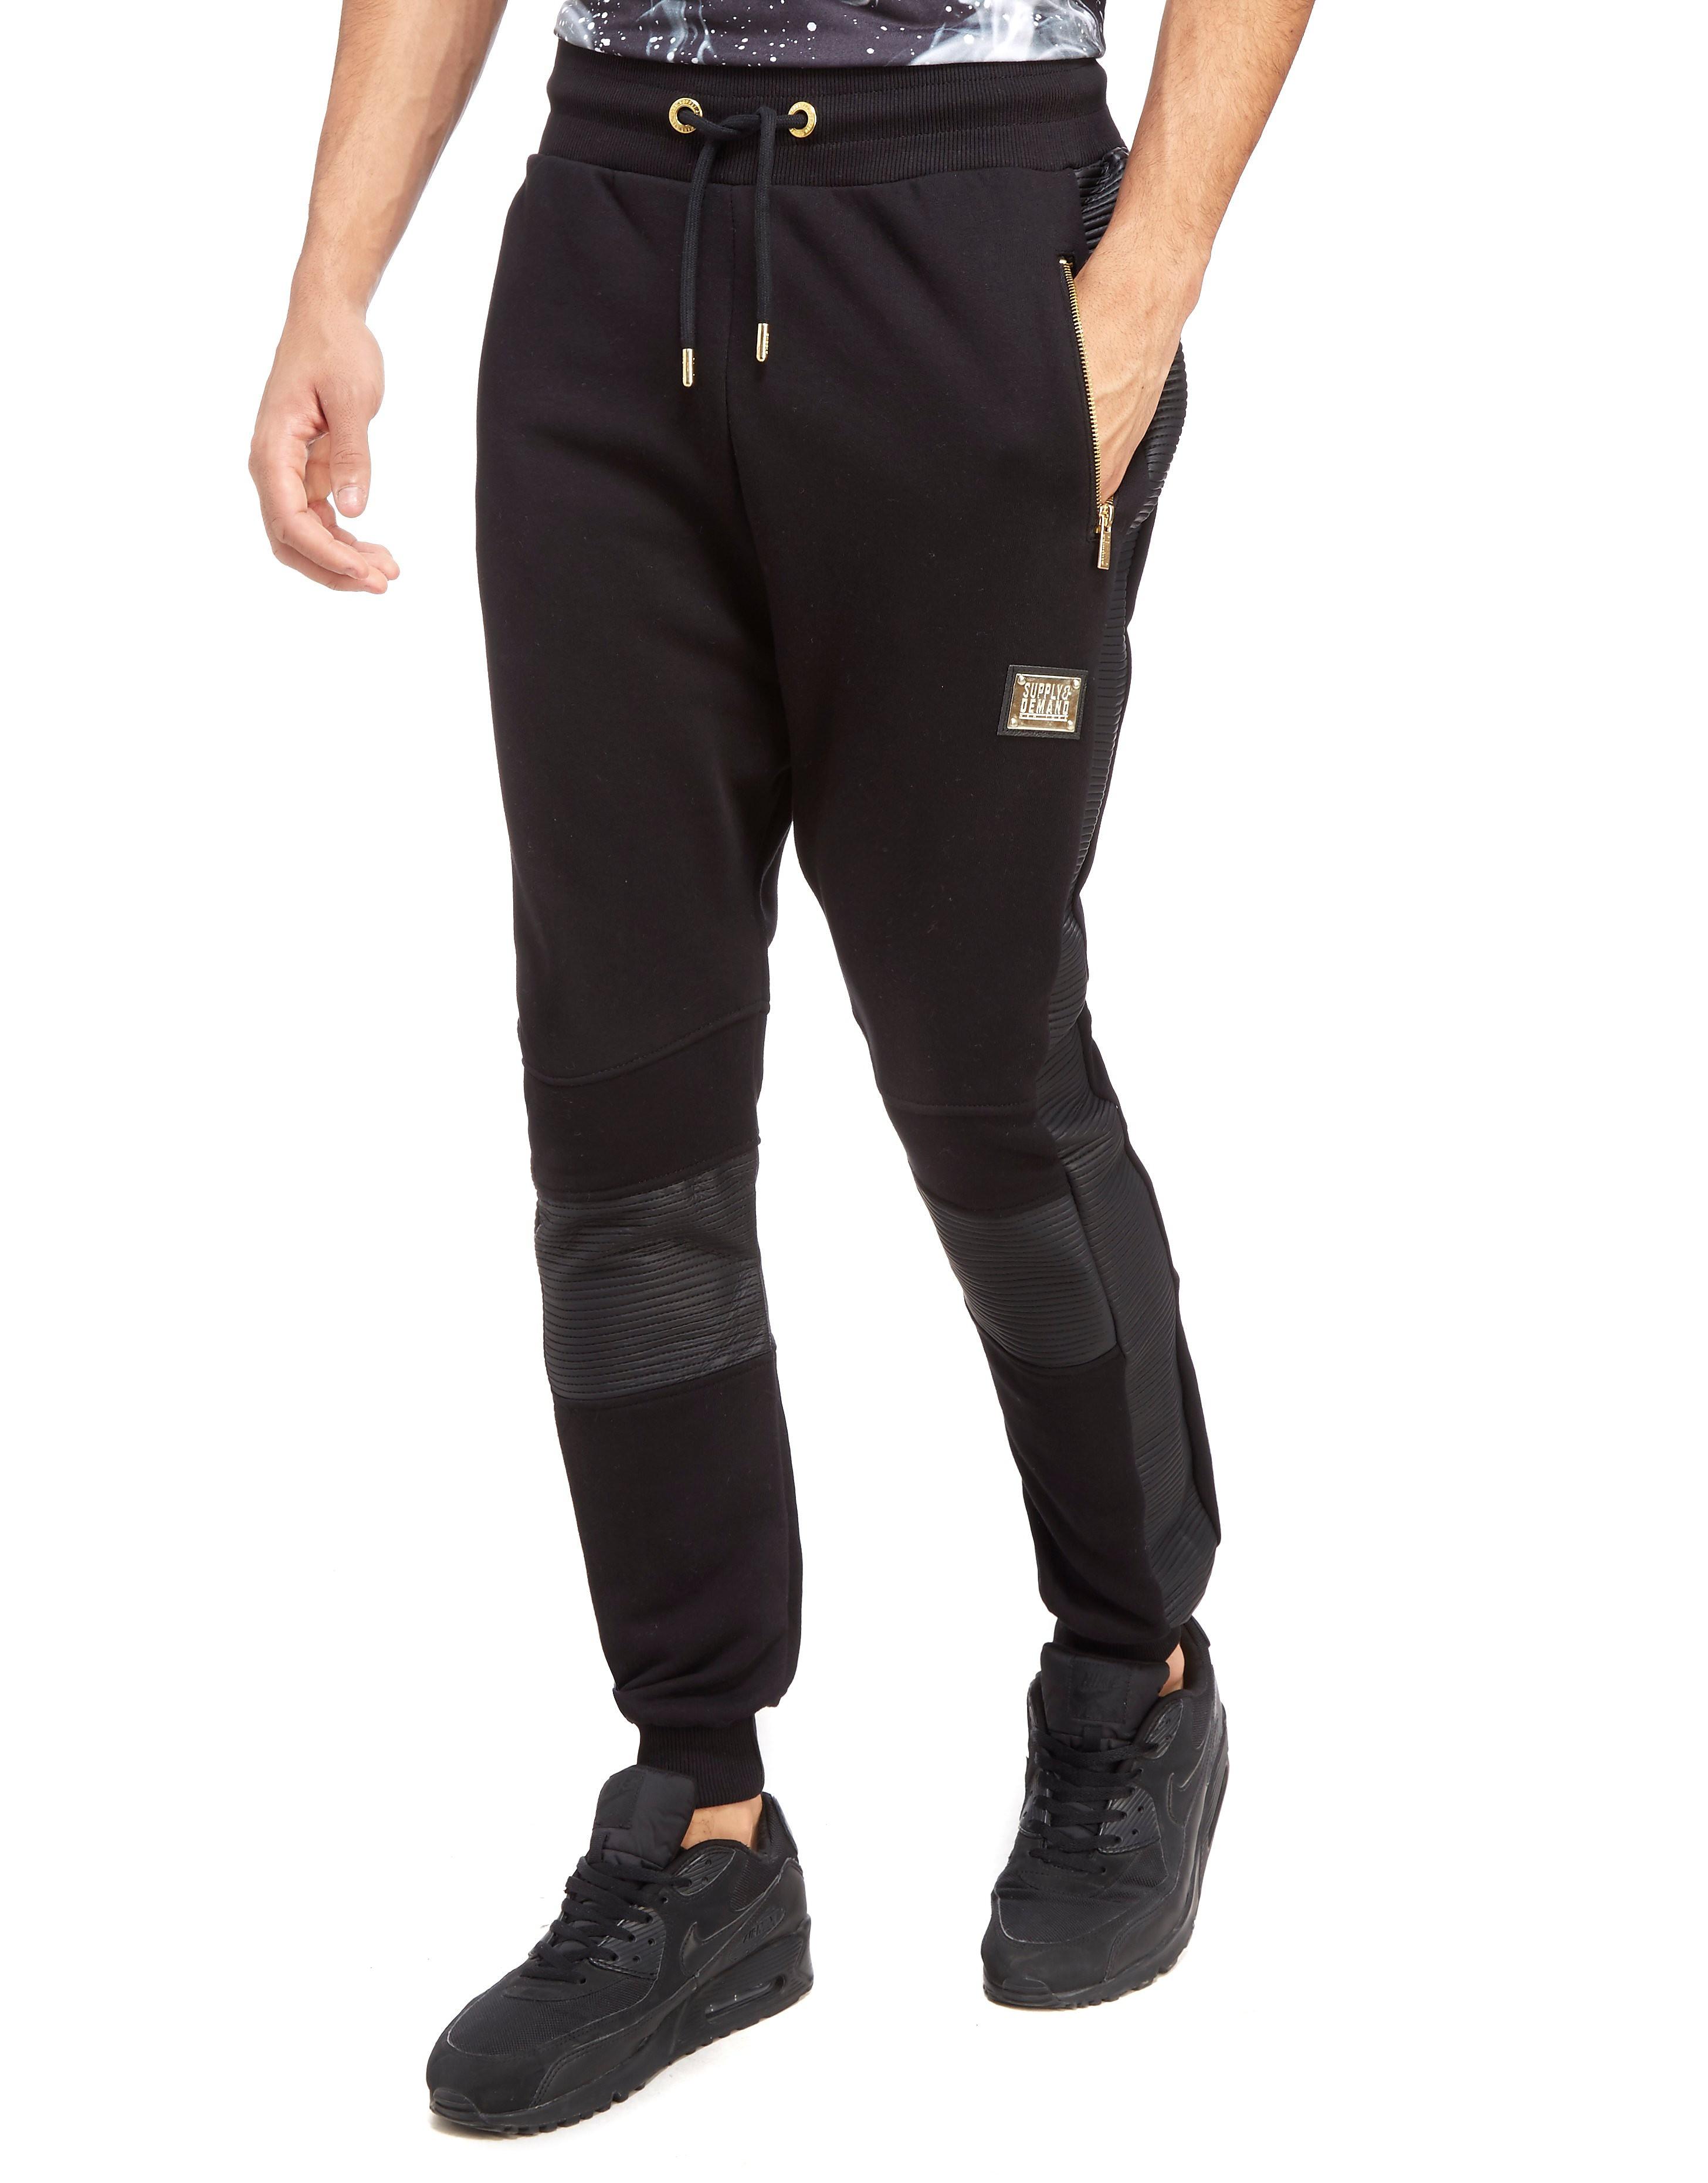 Supply & Demand Galaxy Jogging Pants